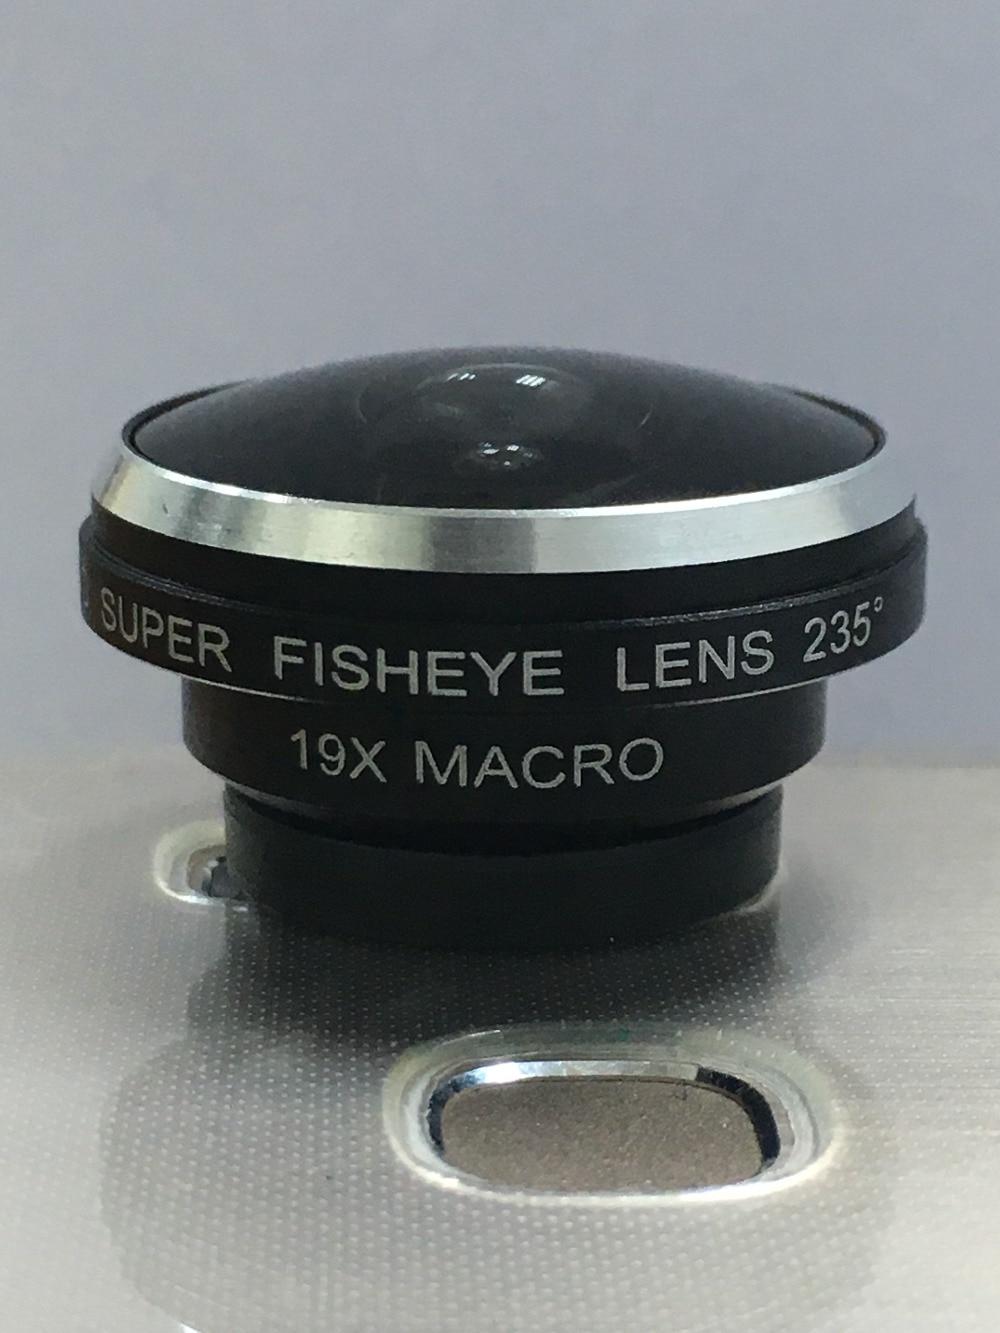 Orbart 235 derajat supre fisheye 19x makro 2 in 1 lensa telepon untuk - Aksesori dan suku cadang ponsel - Foto 2